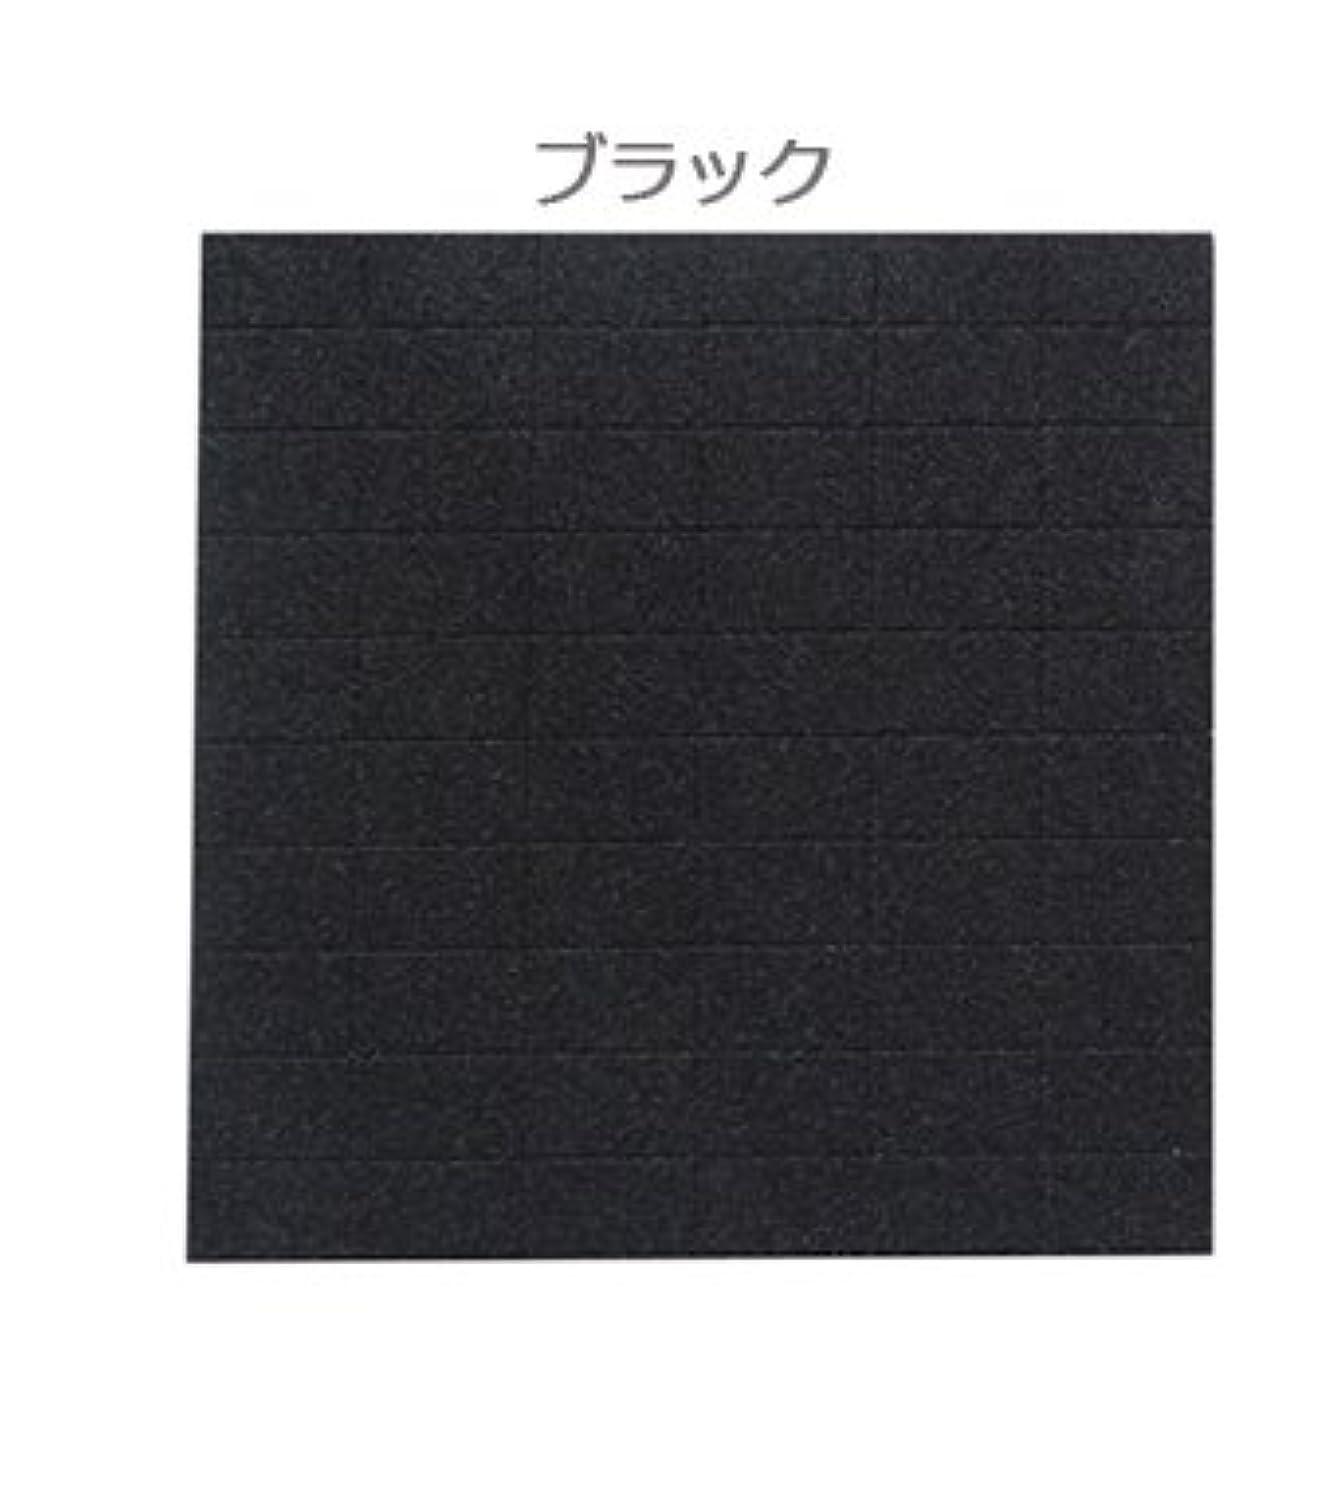 名誉推測もろいネイル用ミニブロック60個/2wayスポンジファイル ☆150G/180G (ブラック)